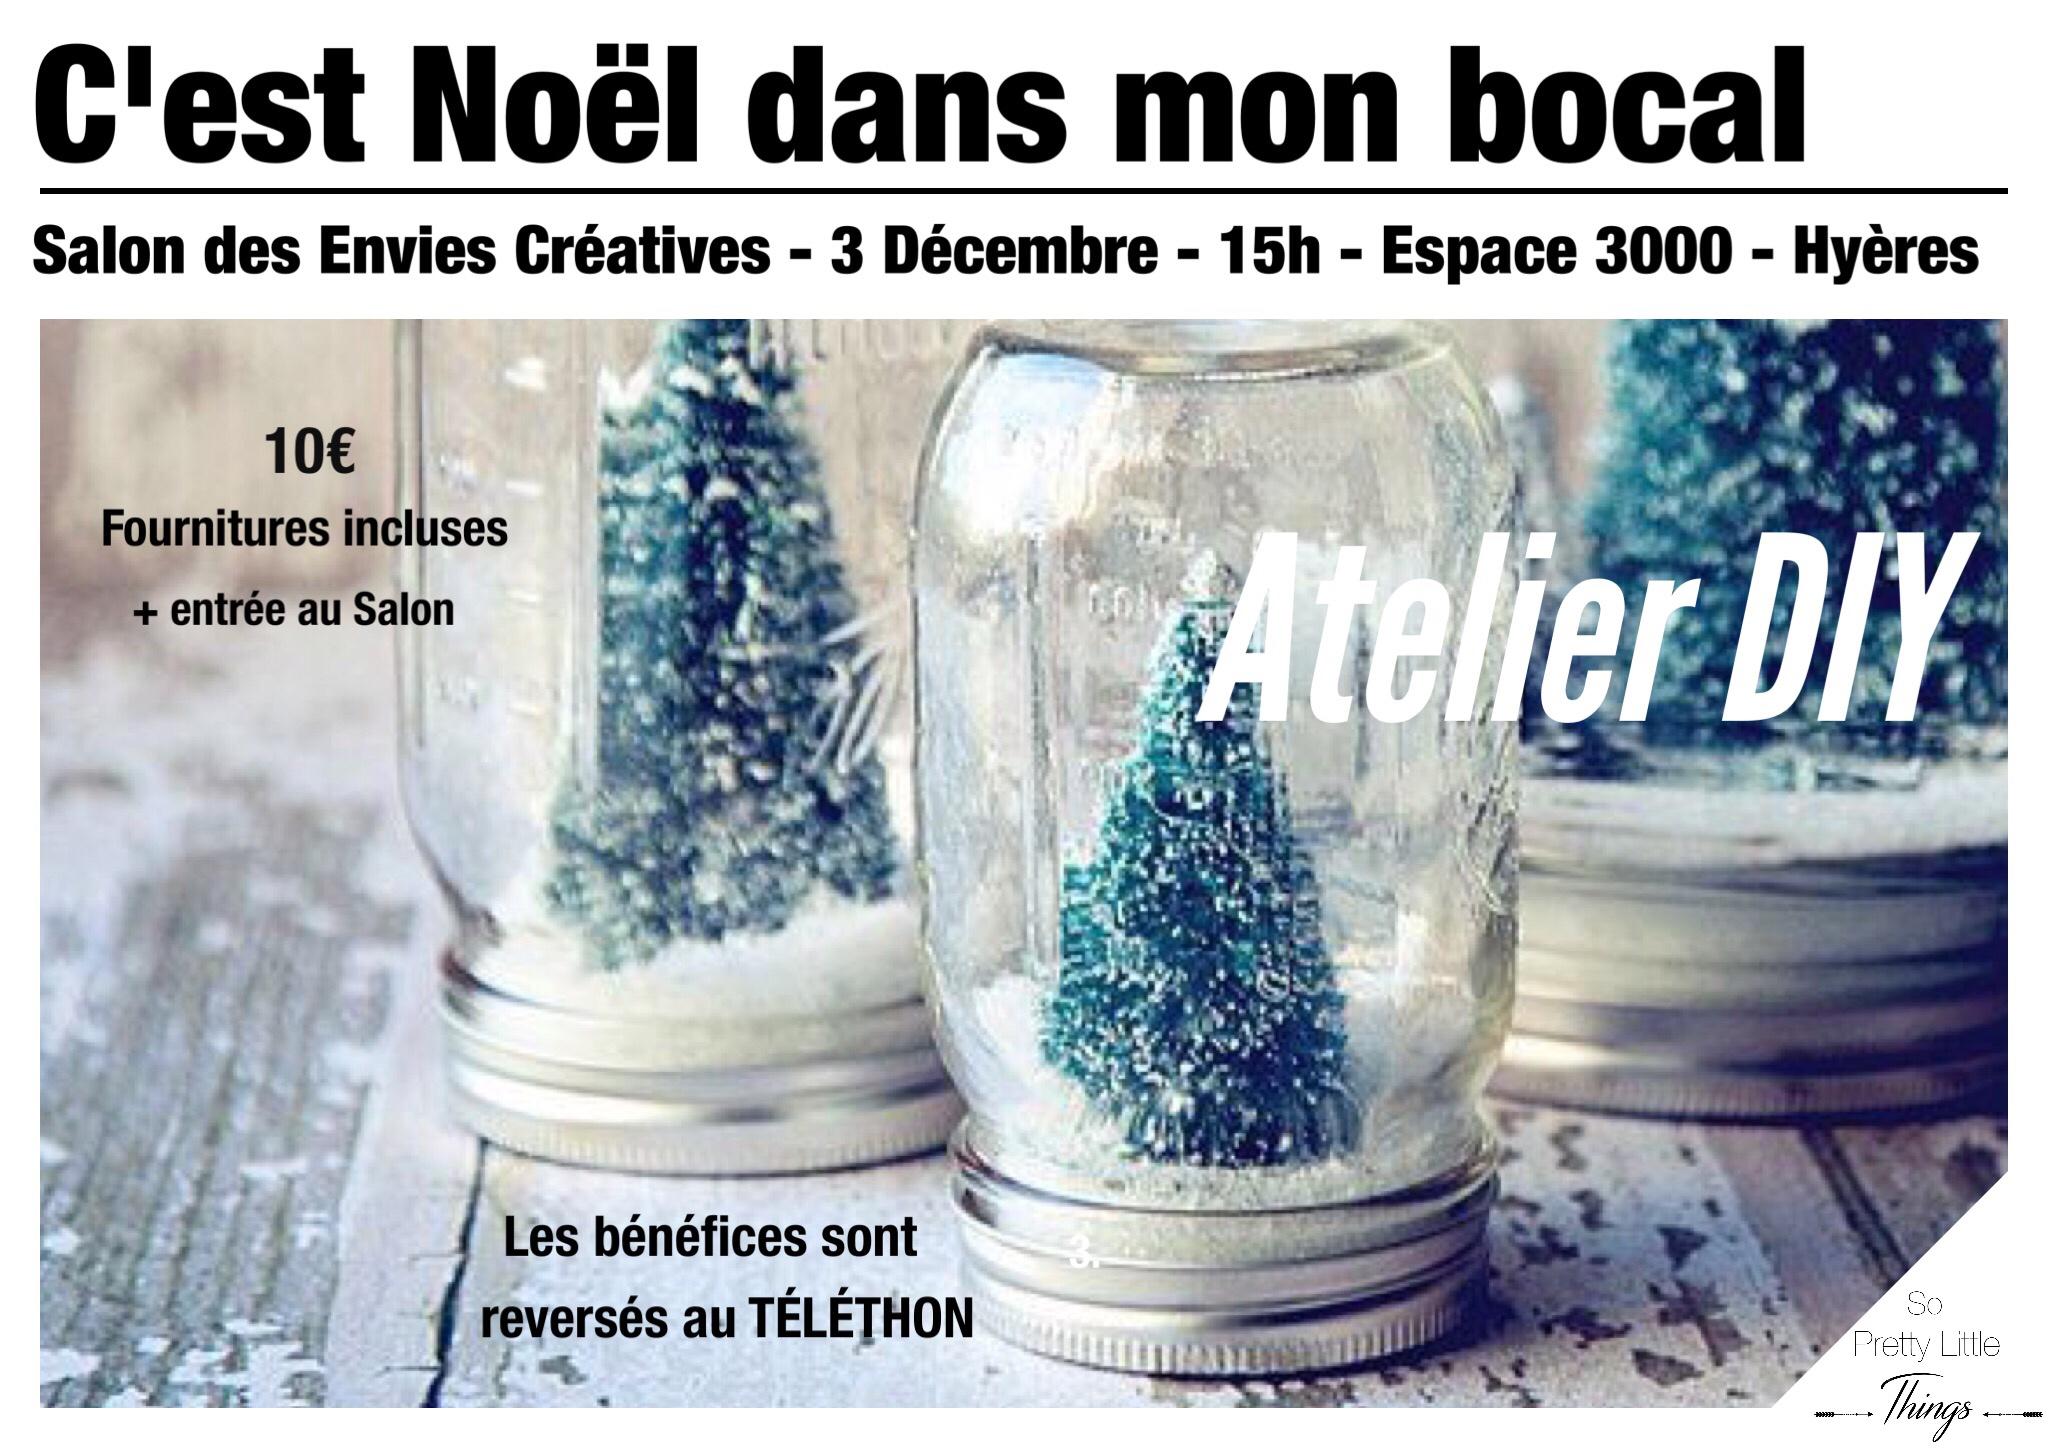 Salon des Envies Créatives – Atelier DIY spécial Noël (Concours)